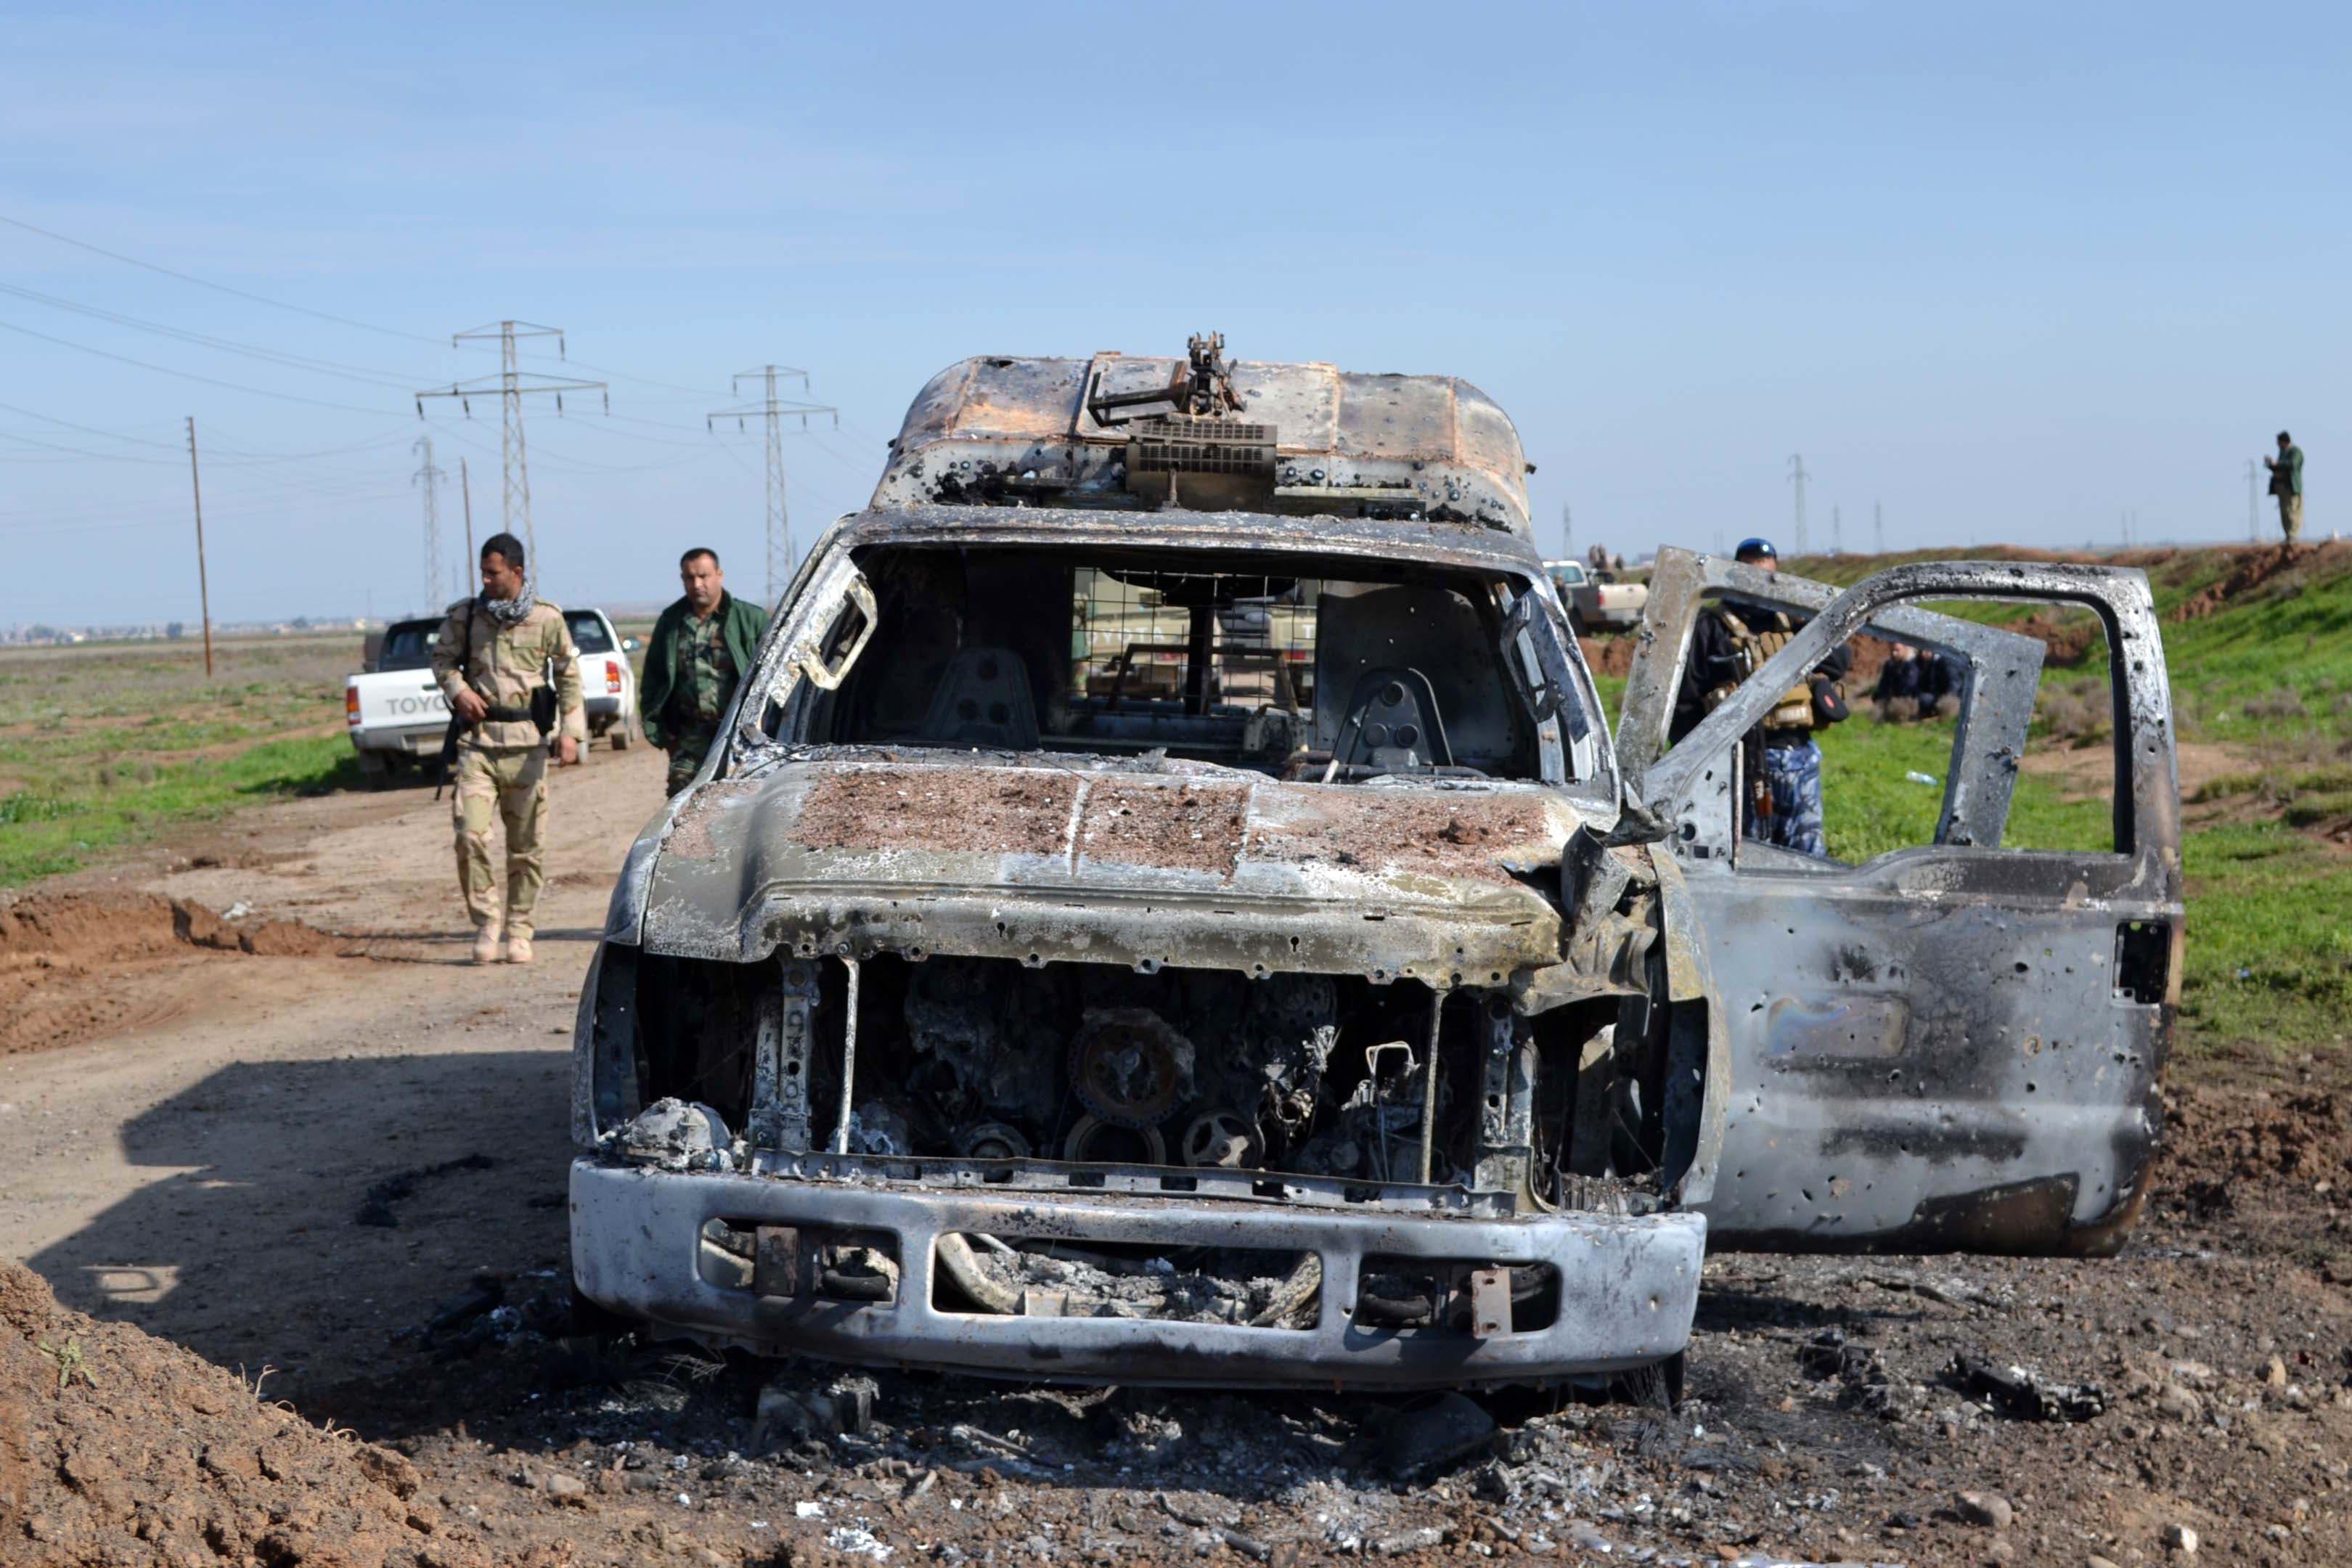 Peshmerga retake oil field from ISIS